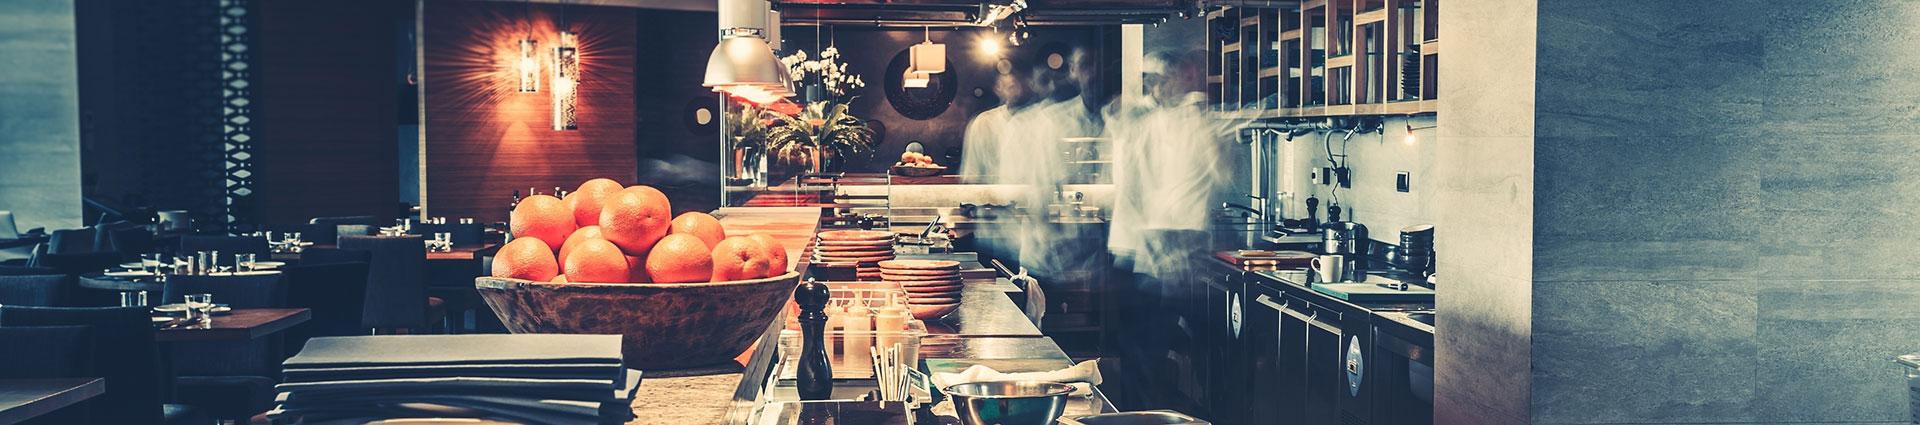 busy restarant kitchen